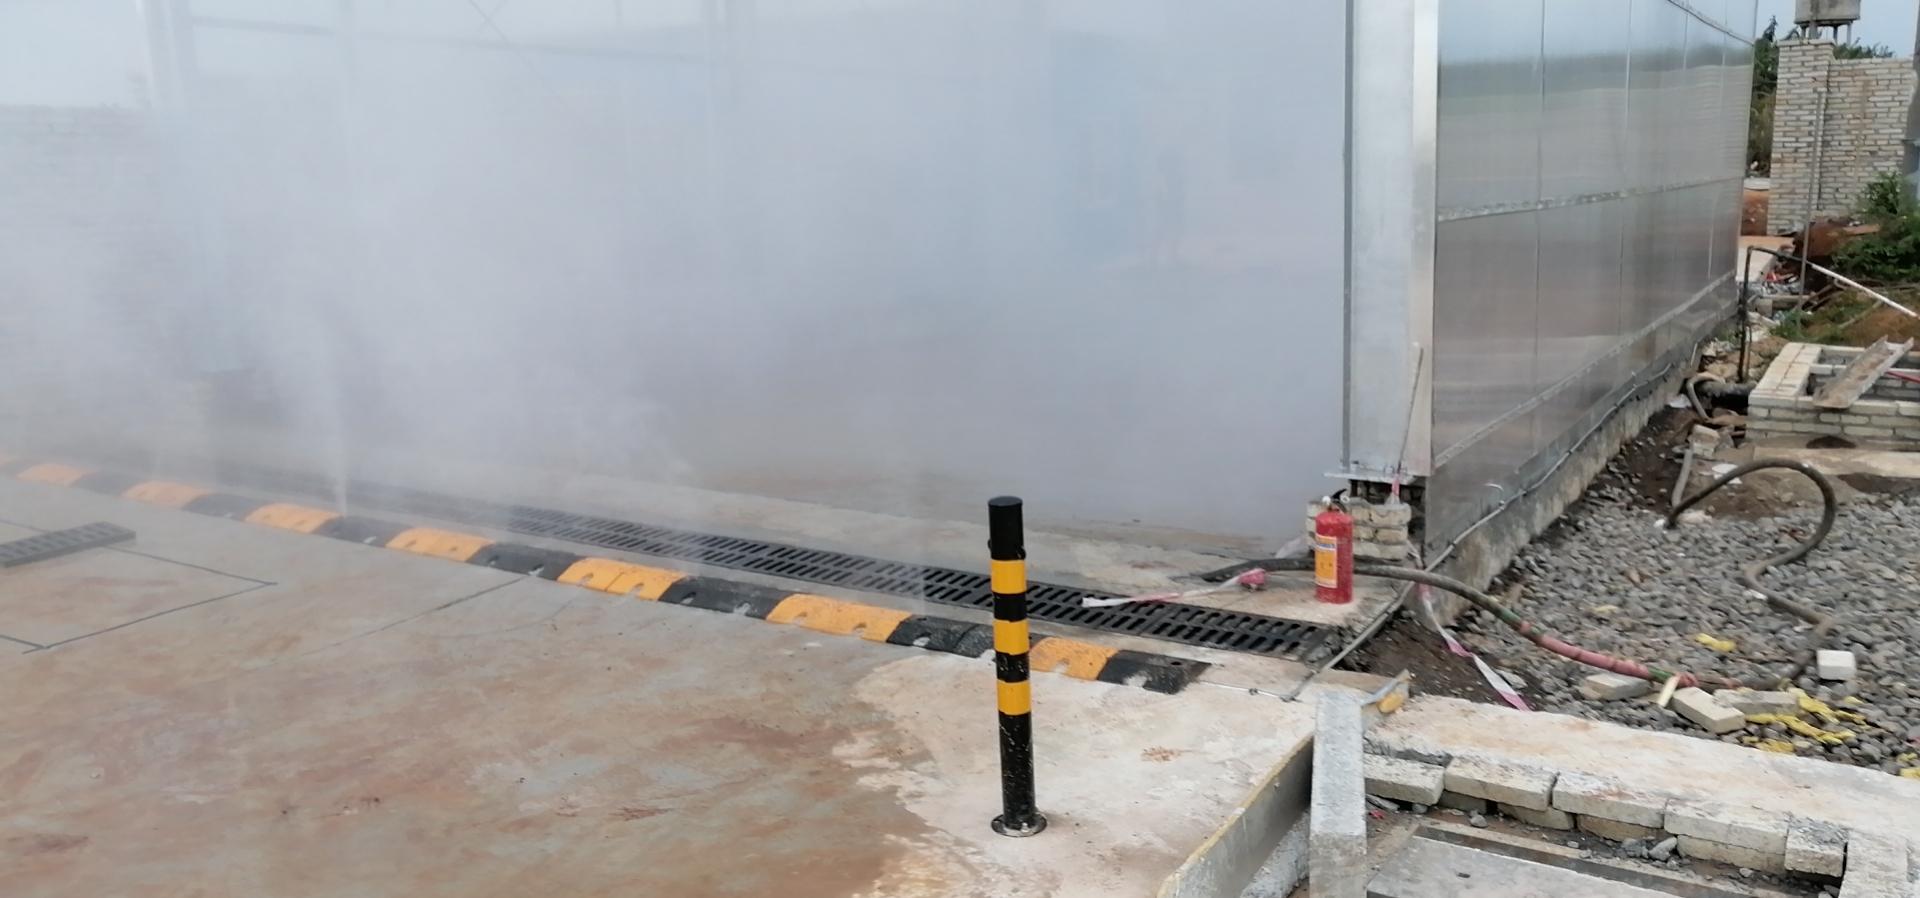 湛江畜牧业汽车喷雾消毒设备